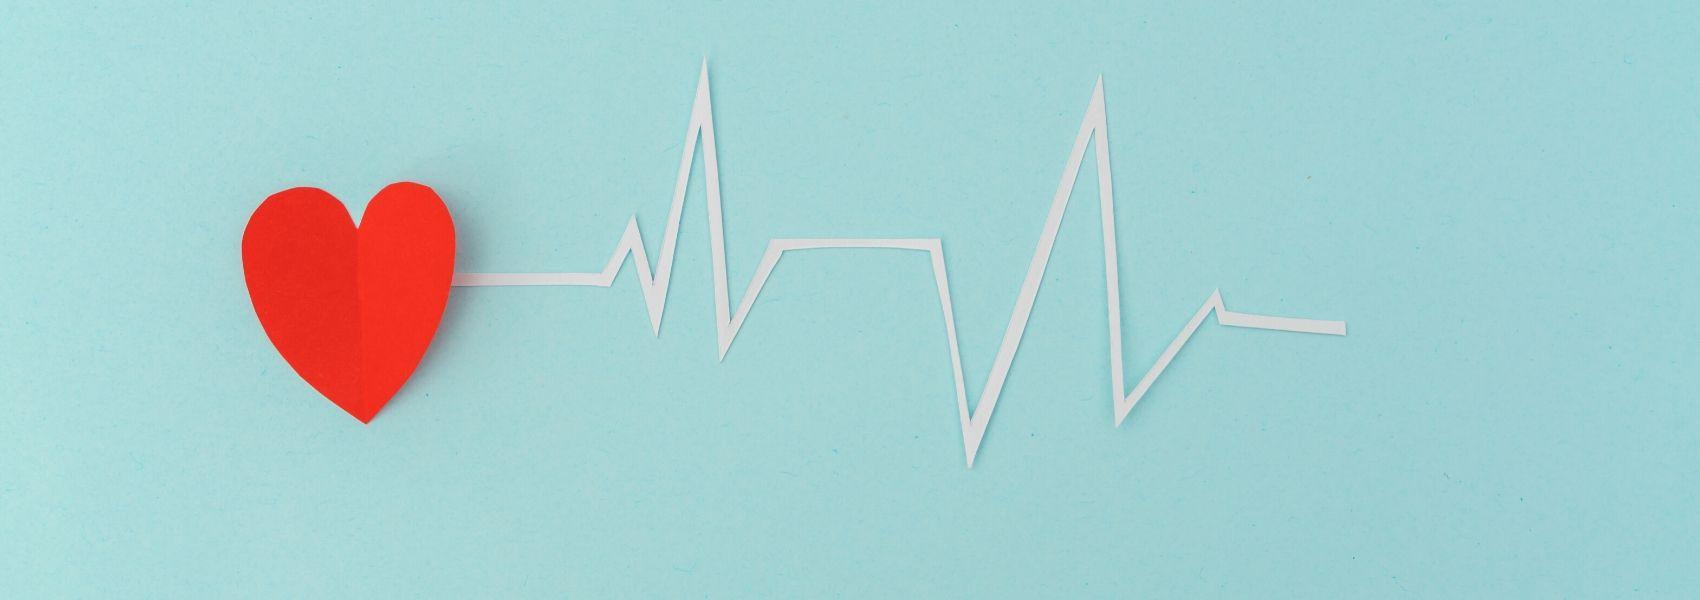 burnout e coração